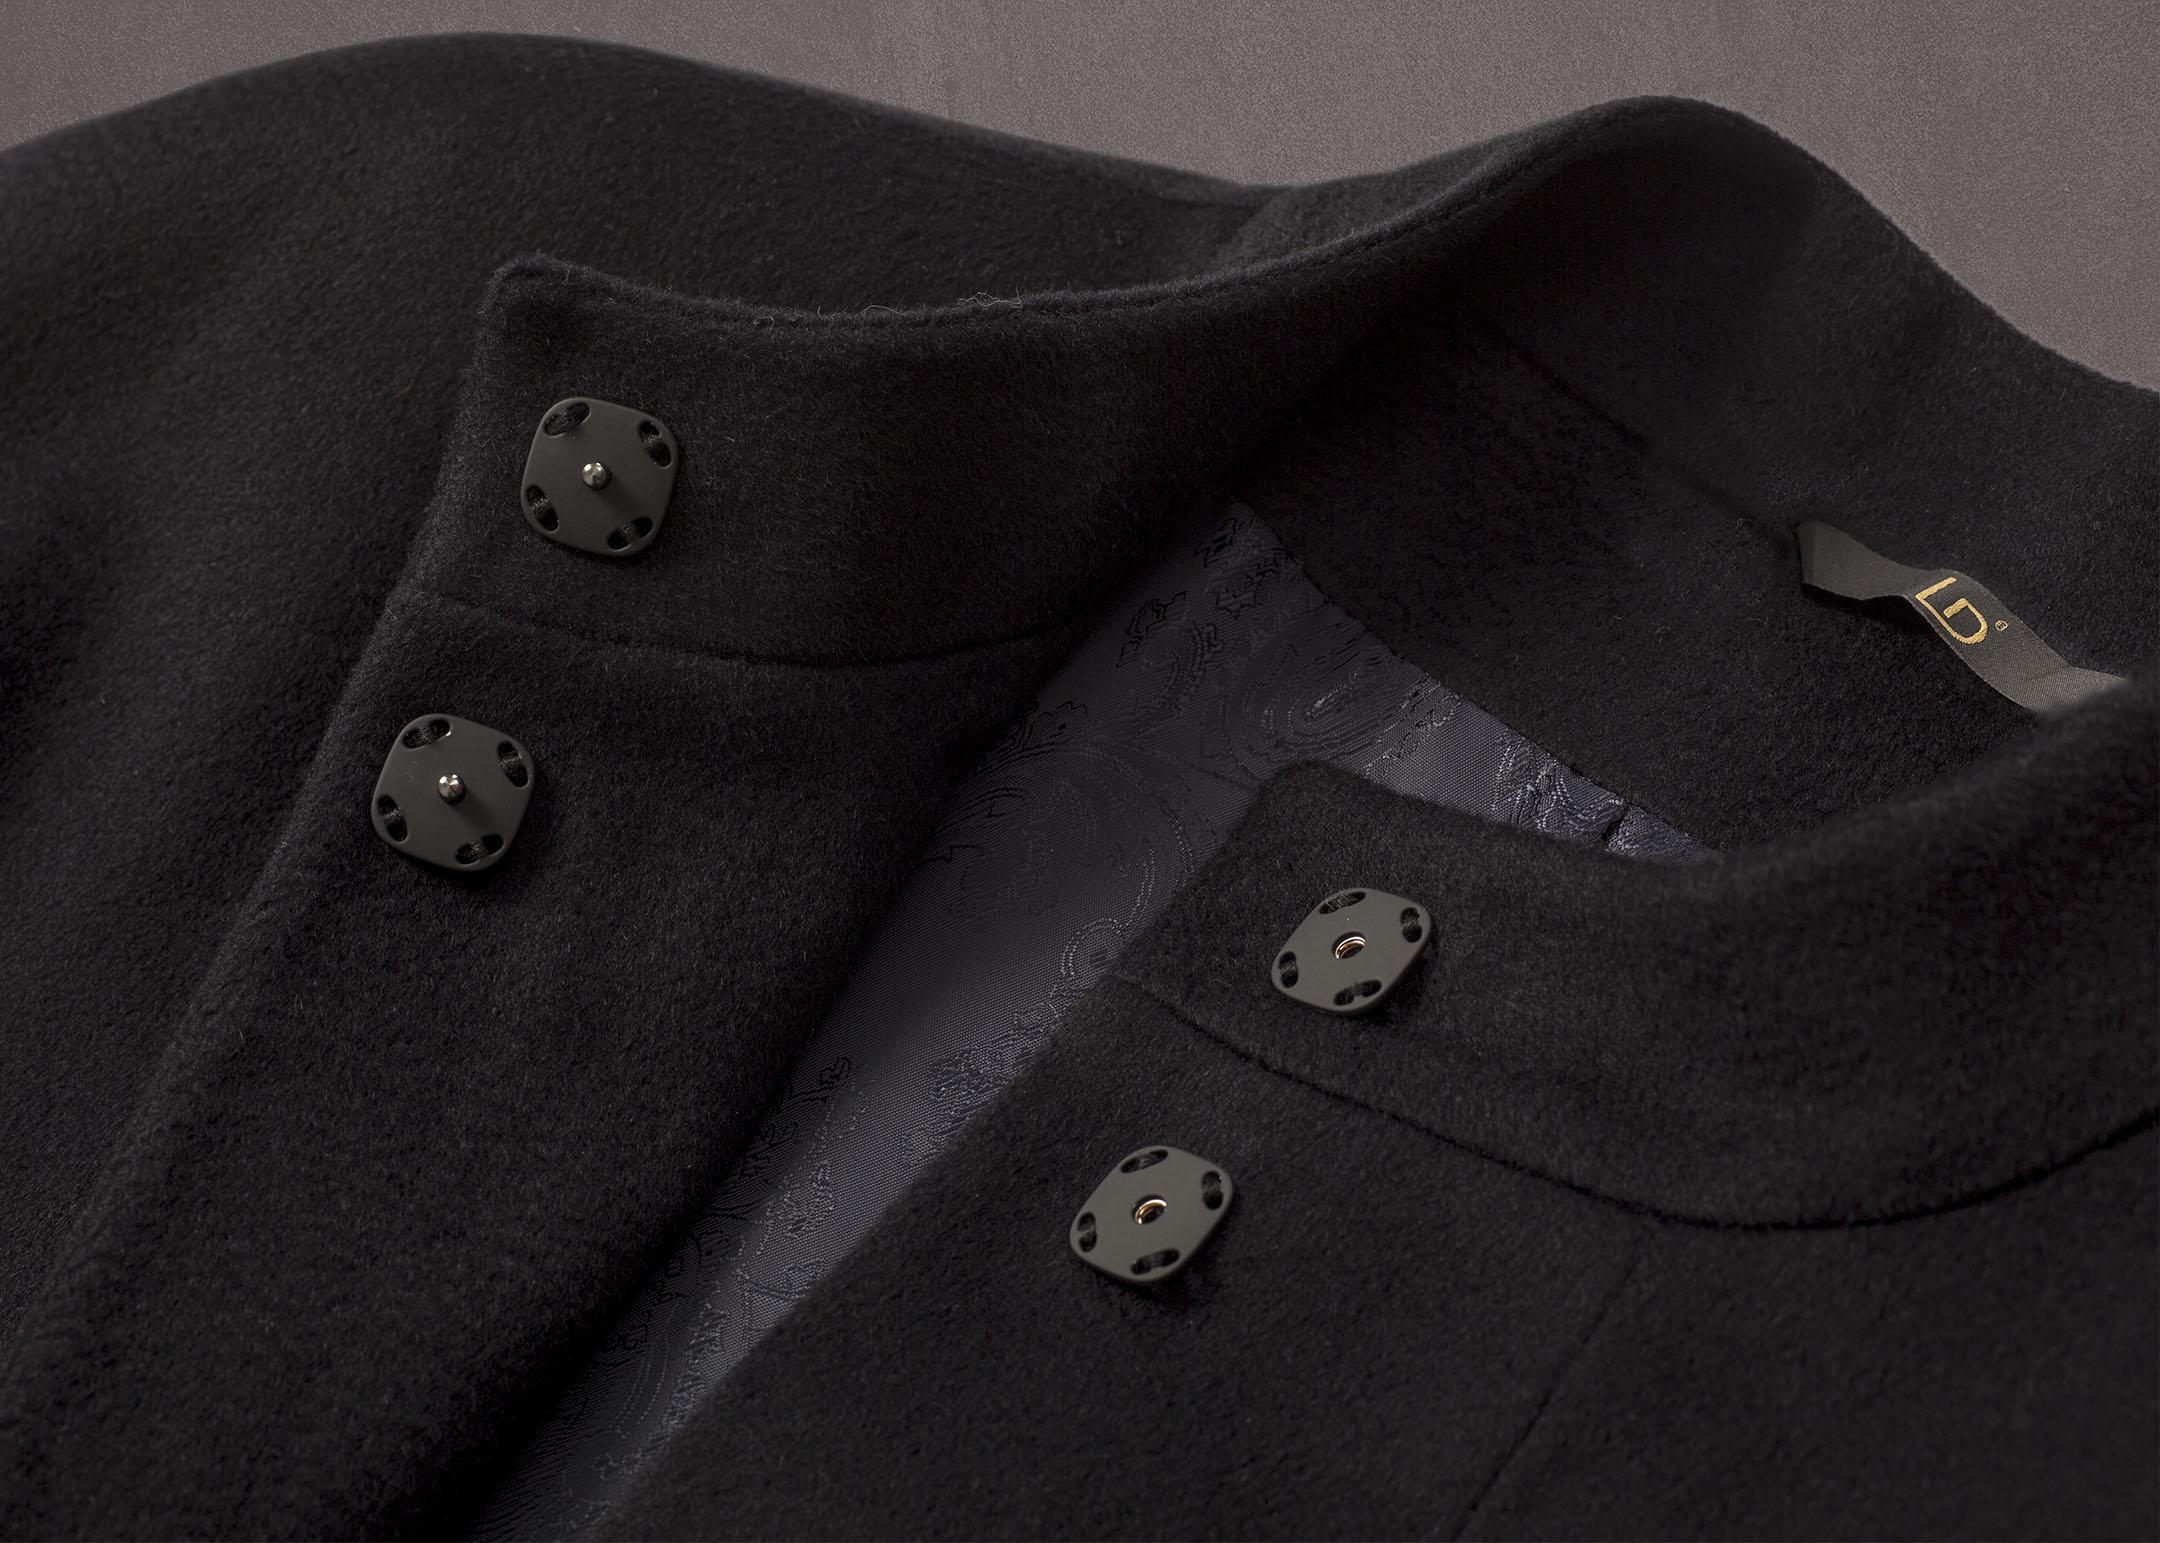 Meldes De Luxe – Manteau 100% cachemire col officier – Bleu nuit – Réf: 017-2-02